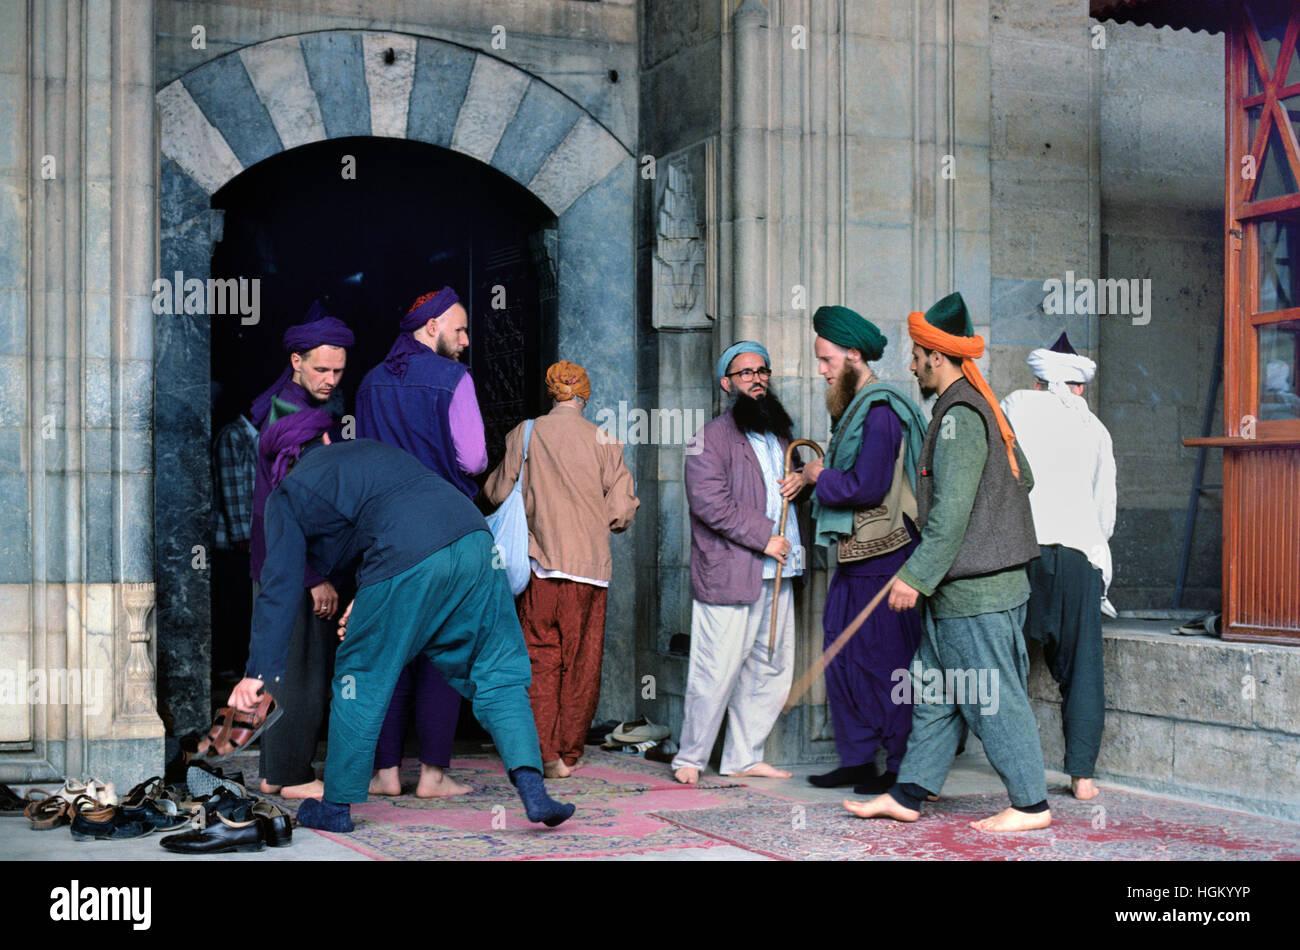 Western converte all Islam in pellegrinaggio al di fuori del museo di Mevlana o santuario (1274) Konya Turchia Immagini Stock